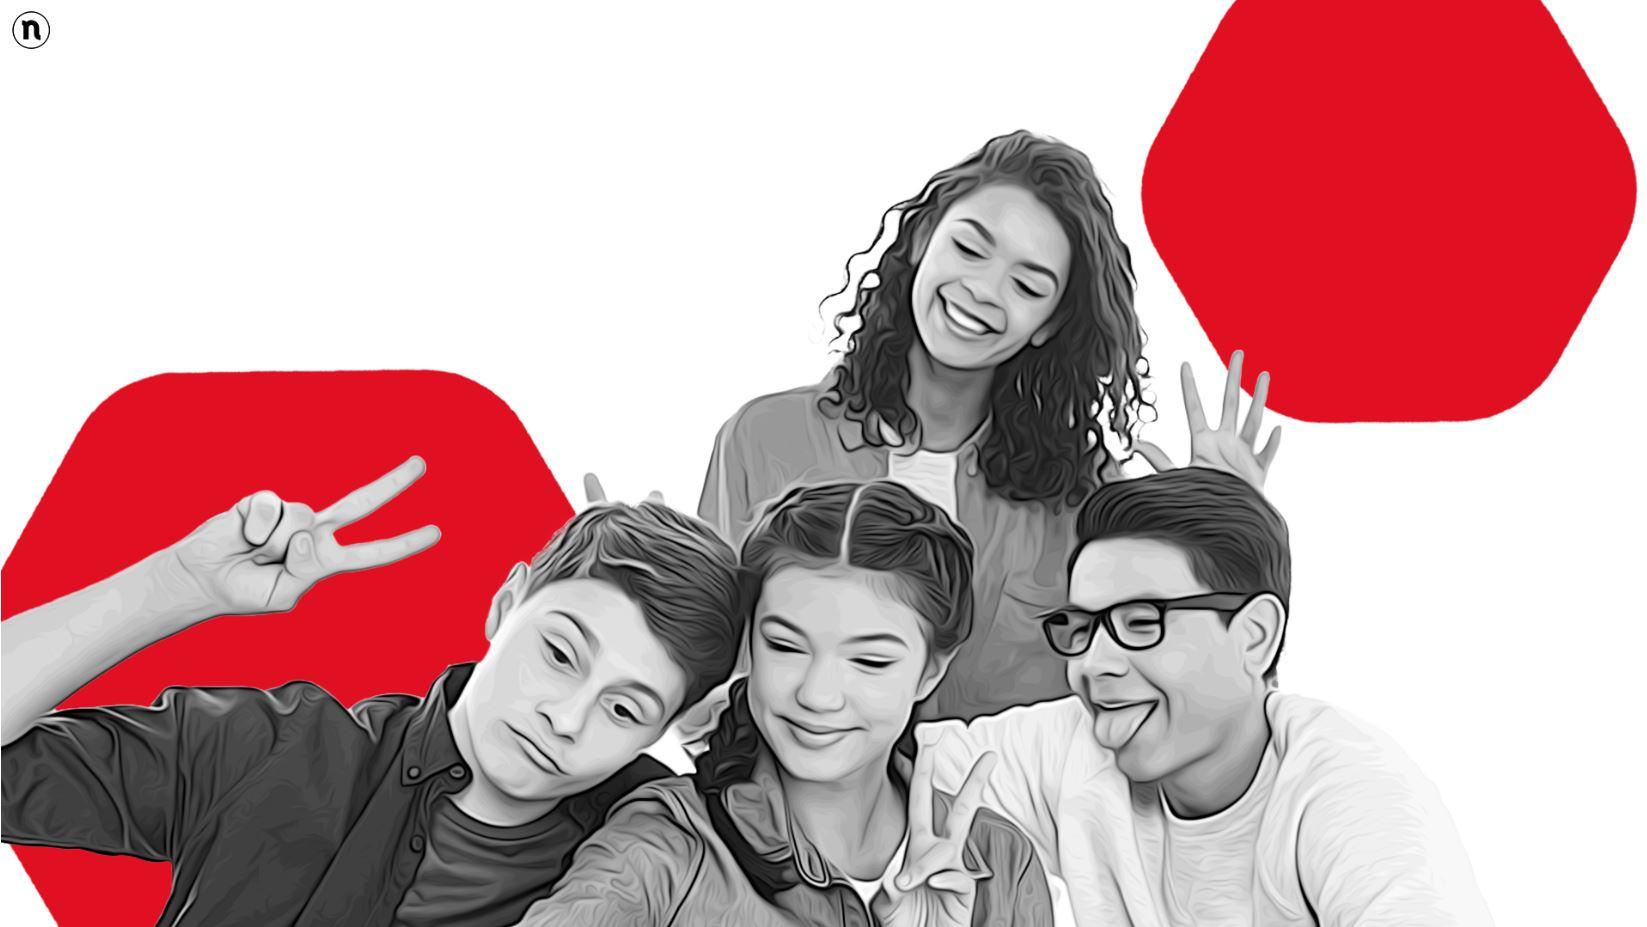 Migrazioni social: la fuga dei giovani in rete generazione dopo generazione